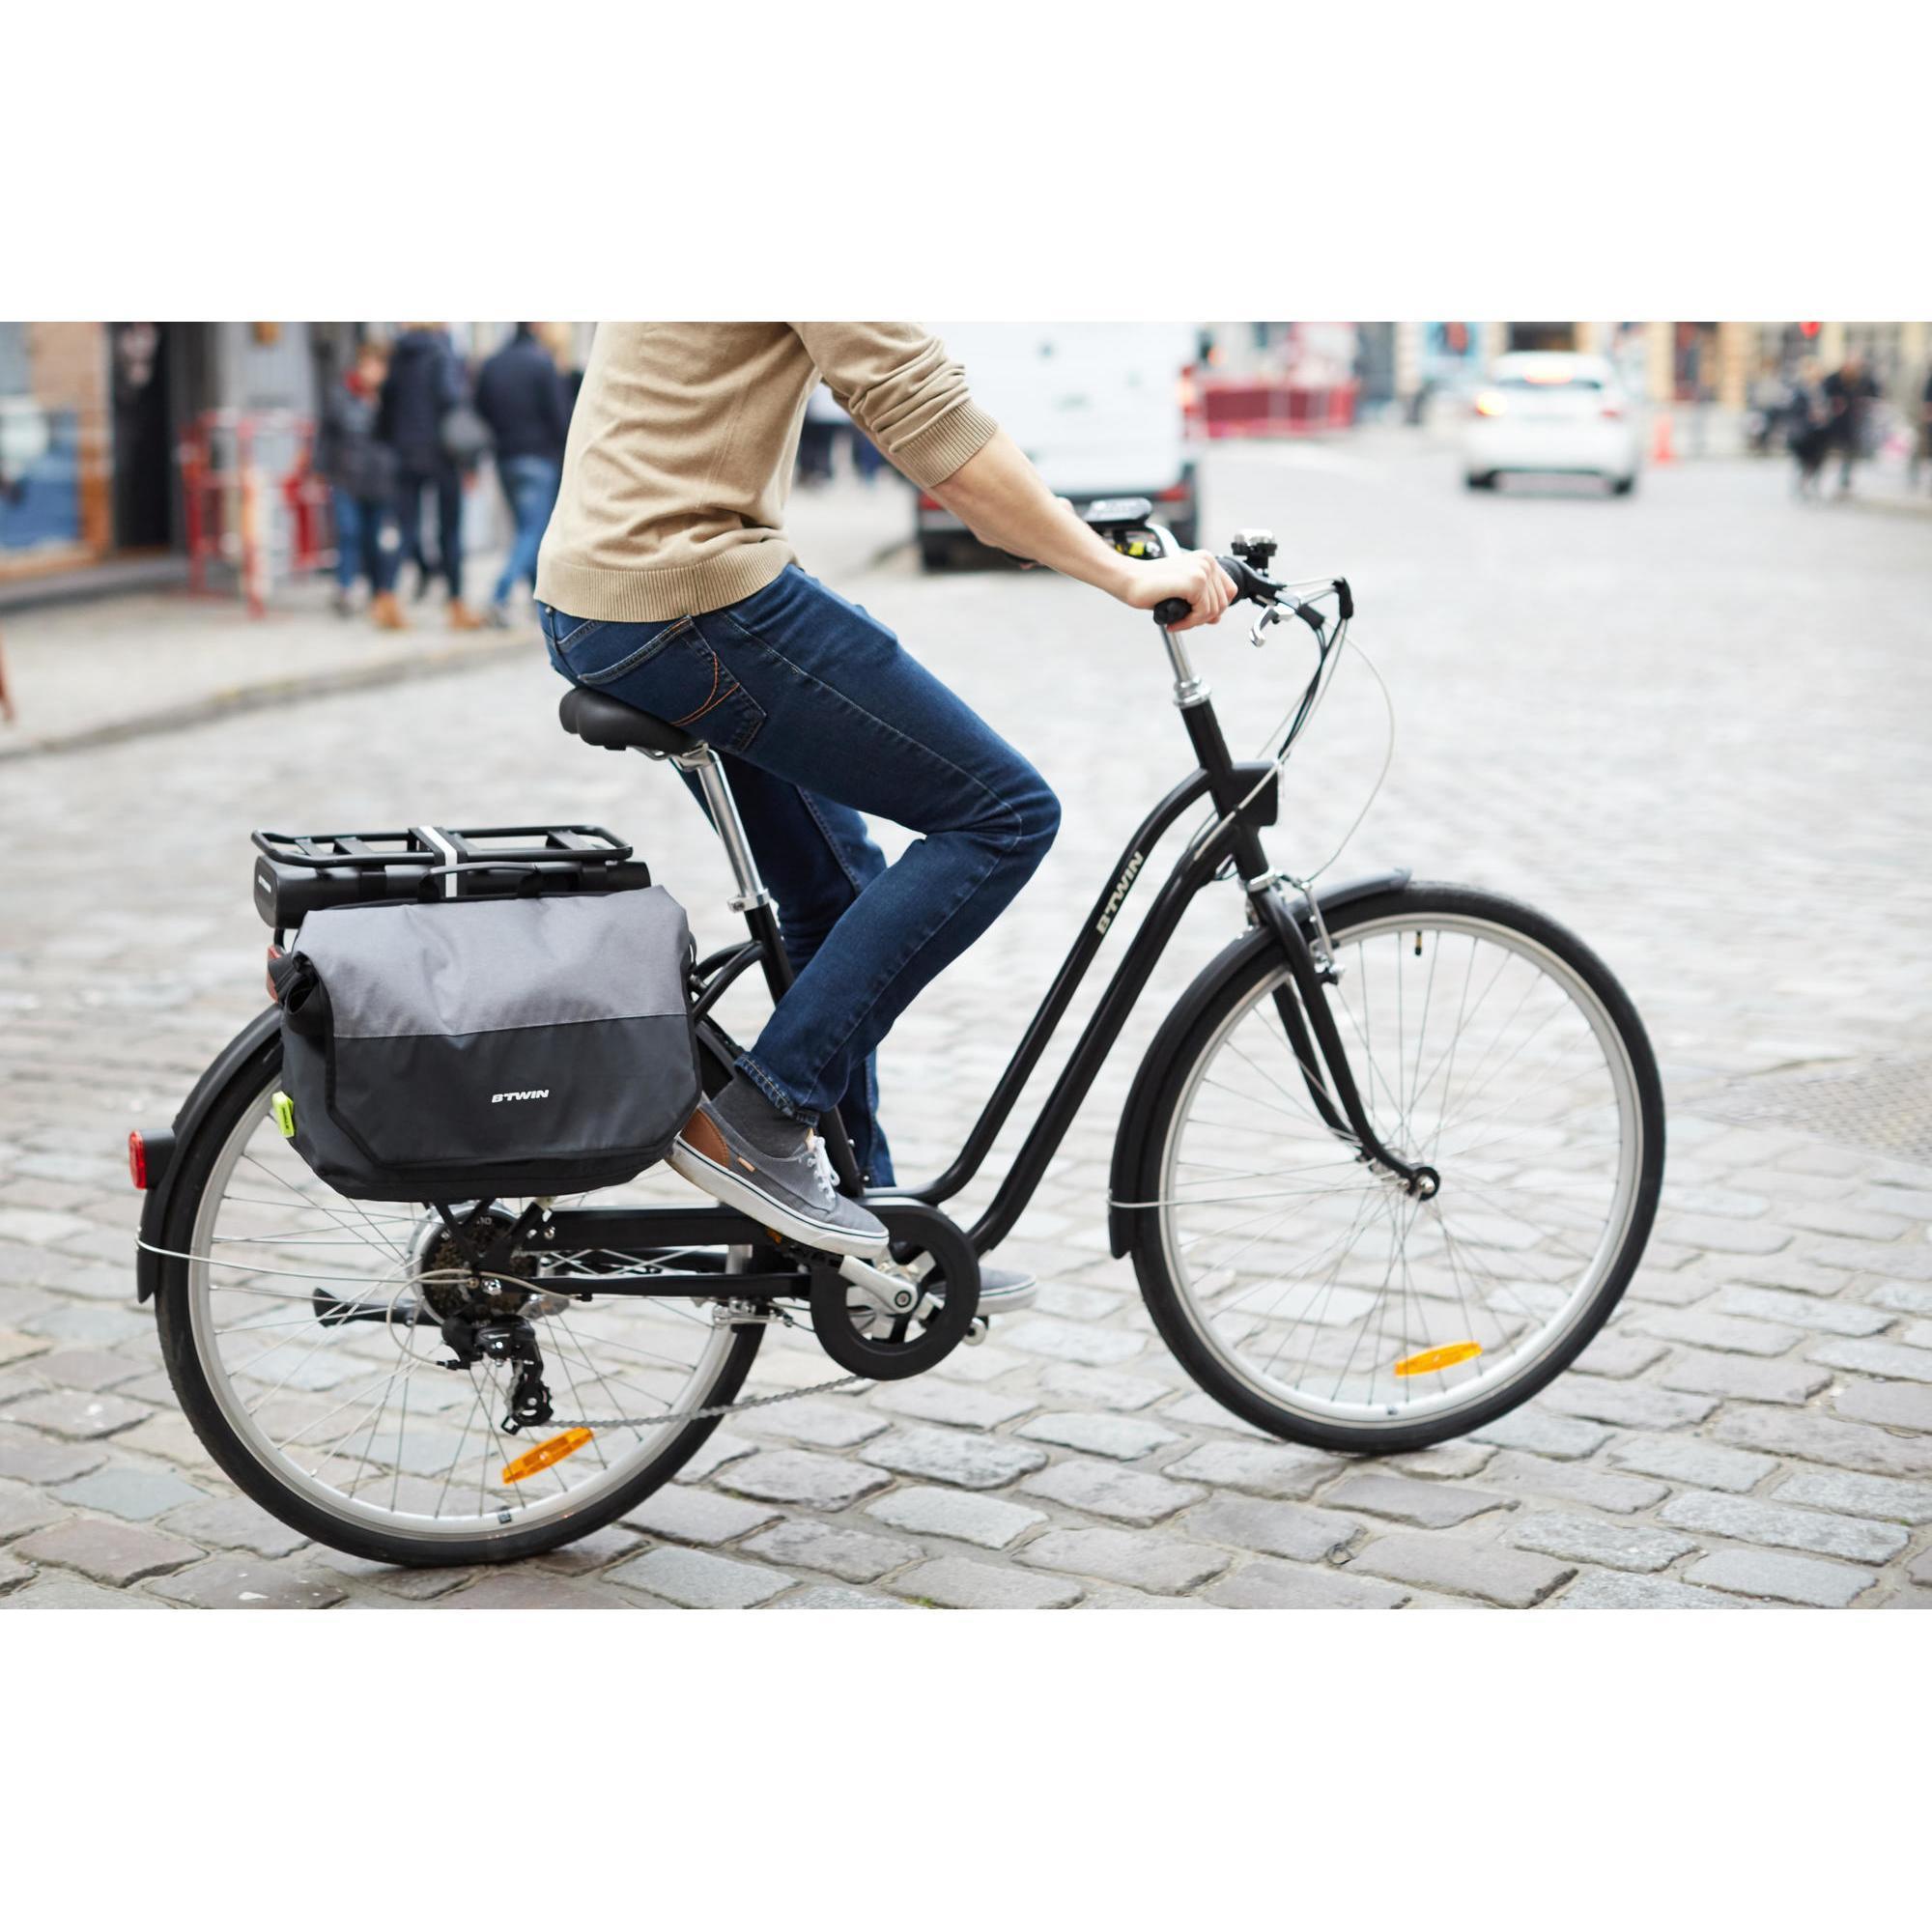 Sac Sacoche Étui Selle Siège Rangement Pannier Pour Vélo Bicyclette Cyclisme NF